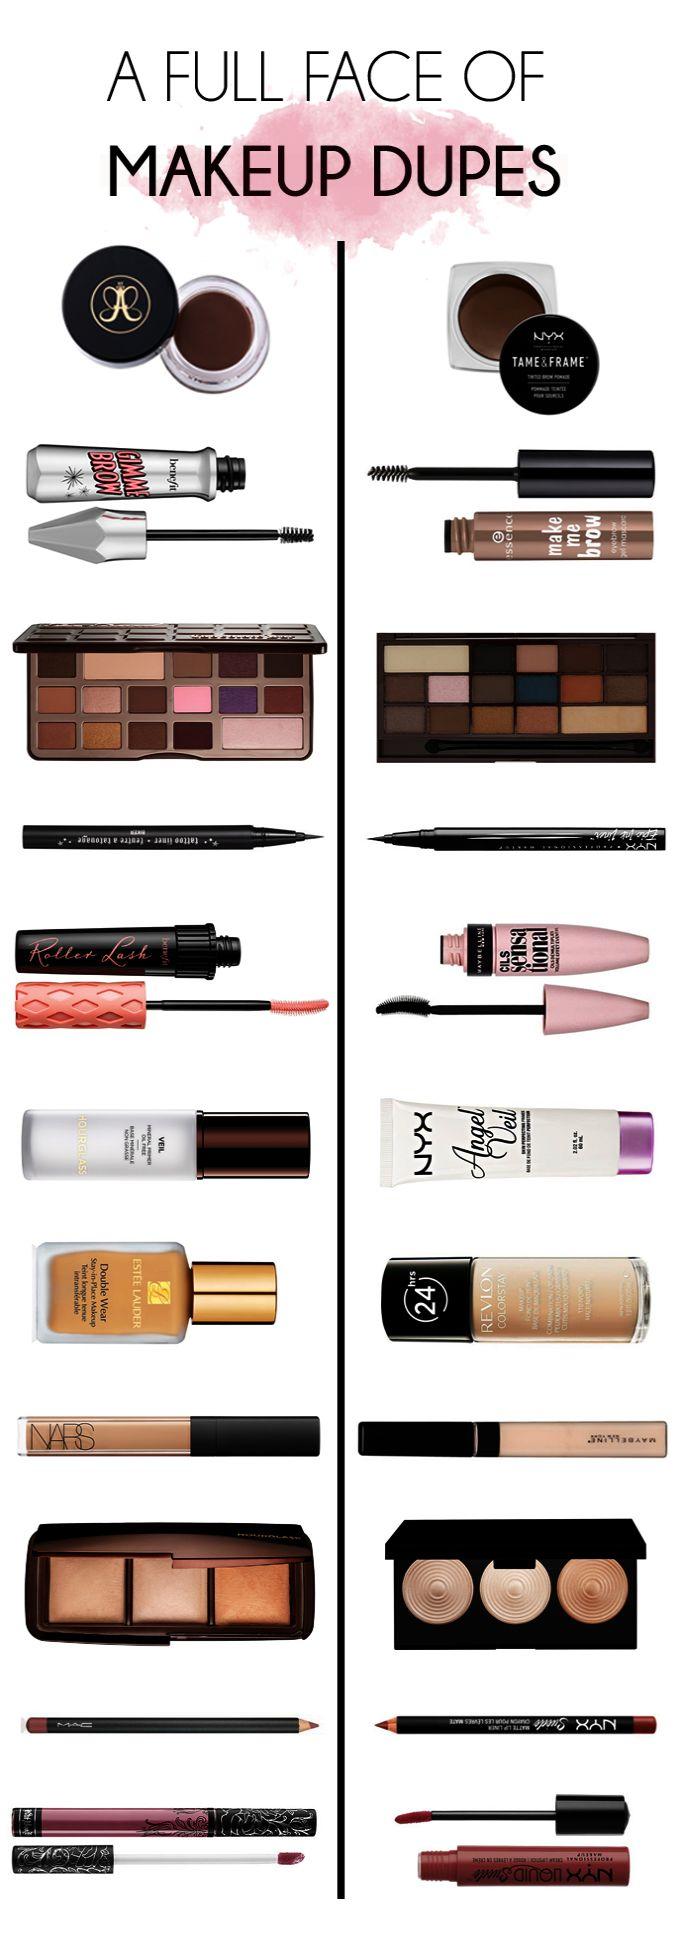 Dupe Makeup Durban Dupe Makeup Terbaik Makeup dupes